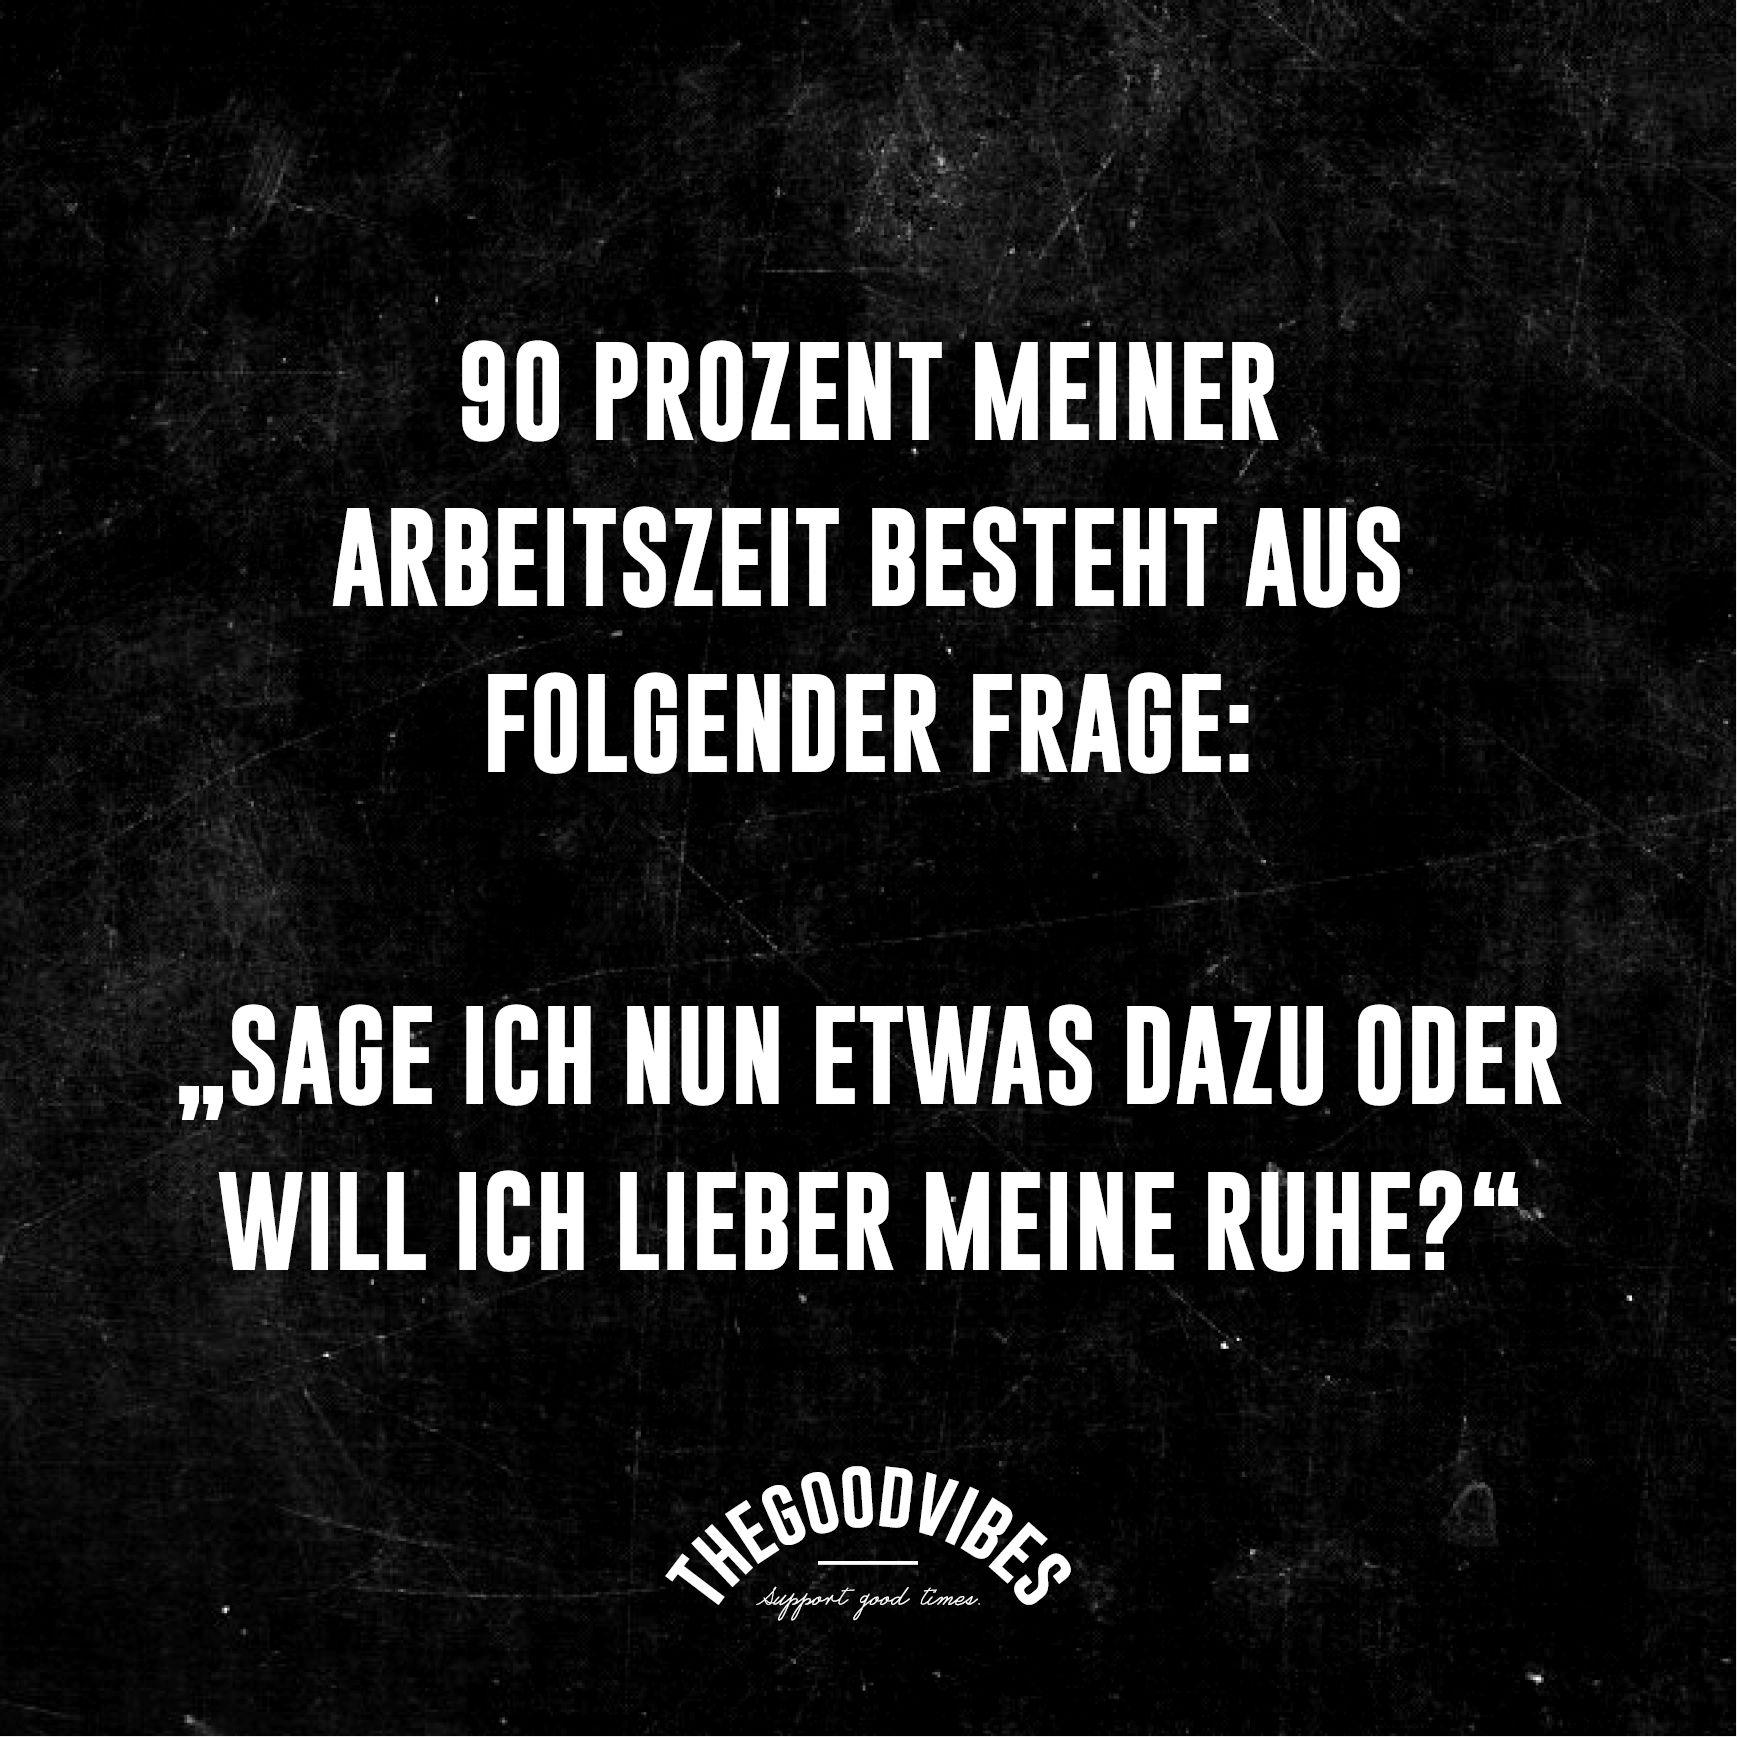 Zitate Spruche Quotes Humor Reisen Motivation Diy Leben Office Statement Saying Inspi Spruche Zitate Sarkastische Spruche Witzige Spruche